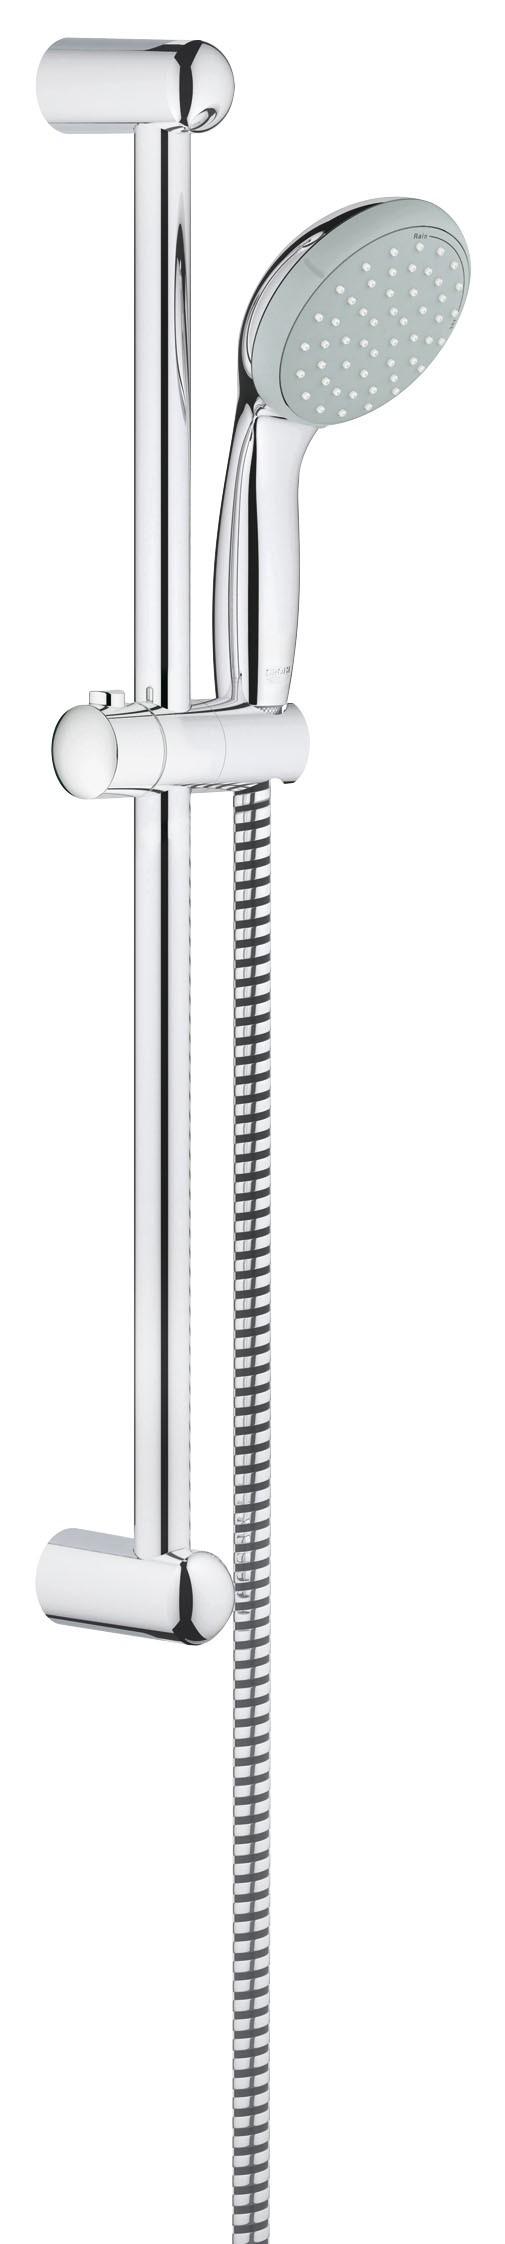 Grohe 27598000 Tempesta Classic (������ ���, ������ 600 ��, ����� 1750 ��), ����